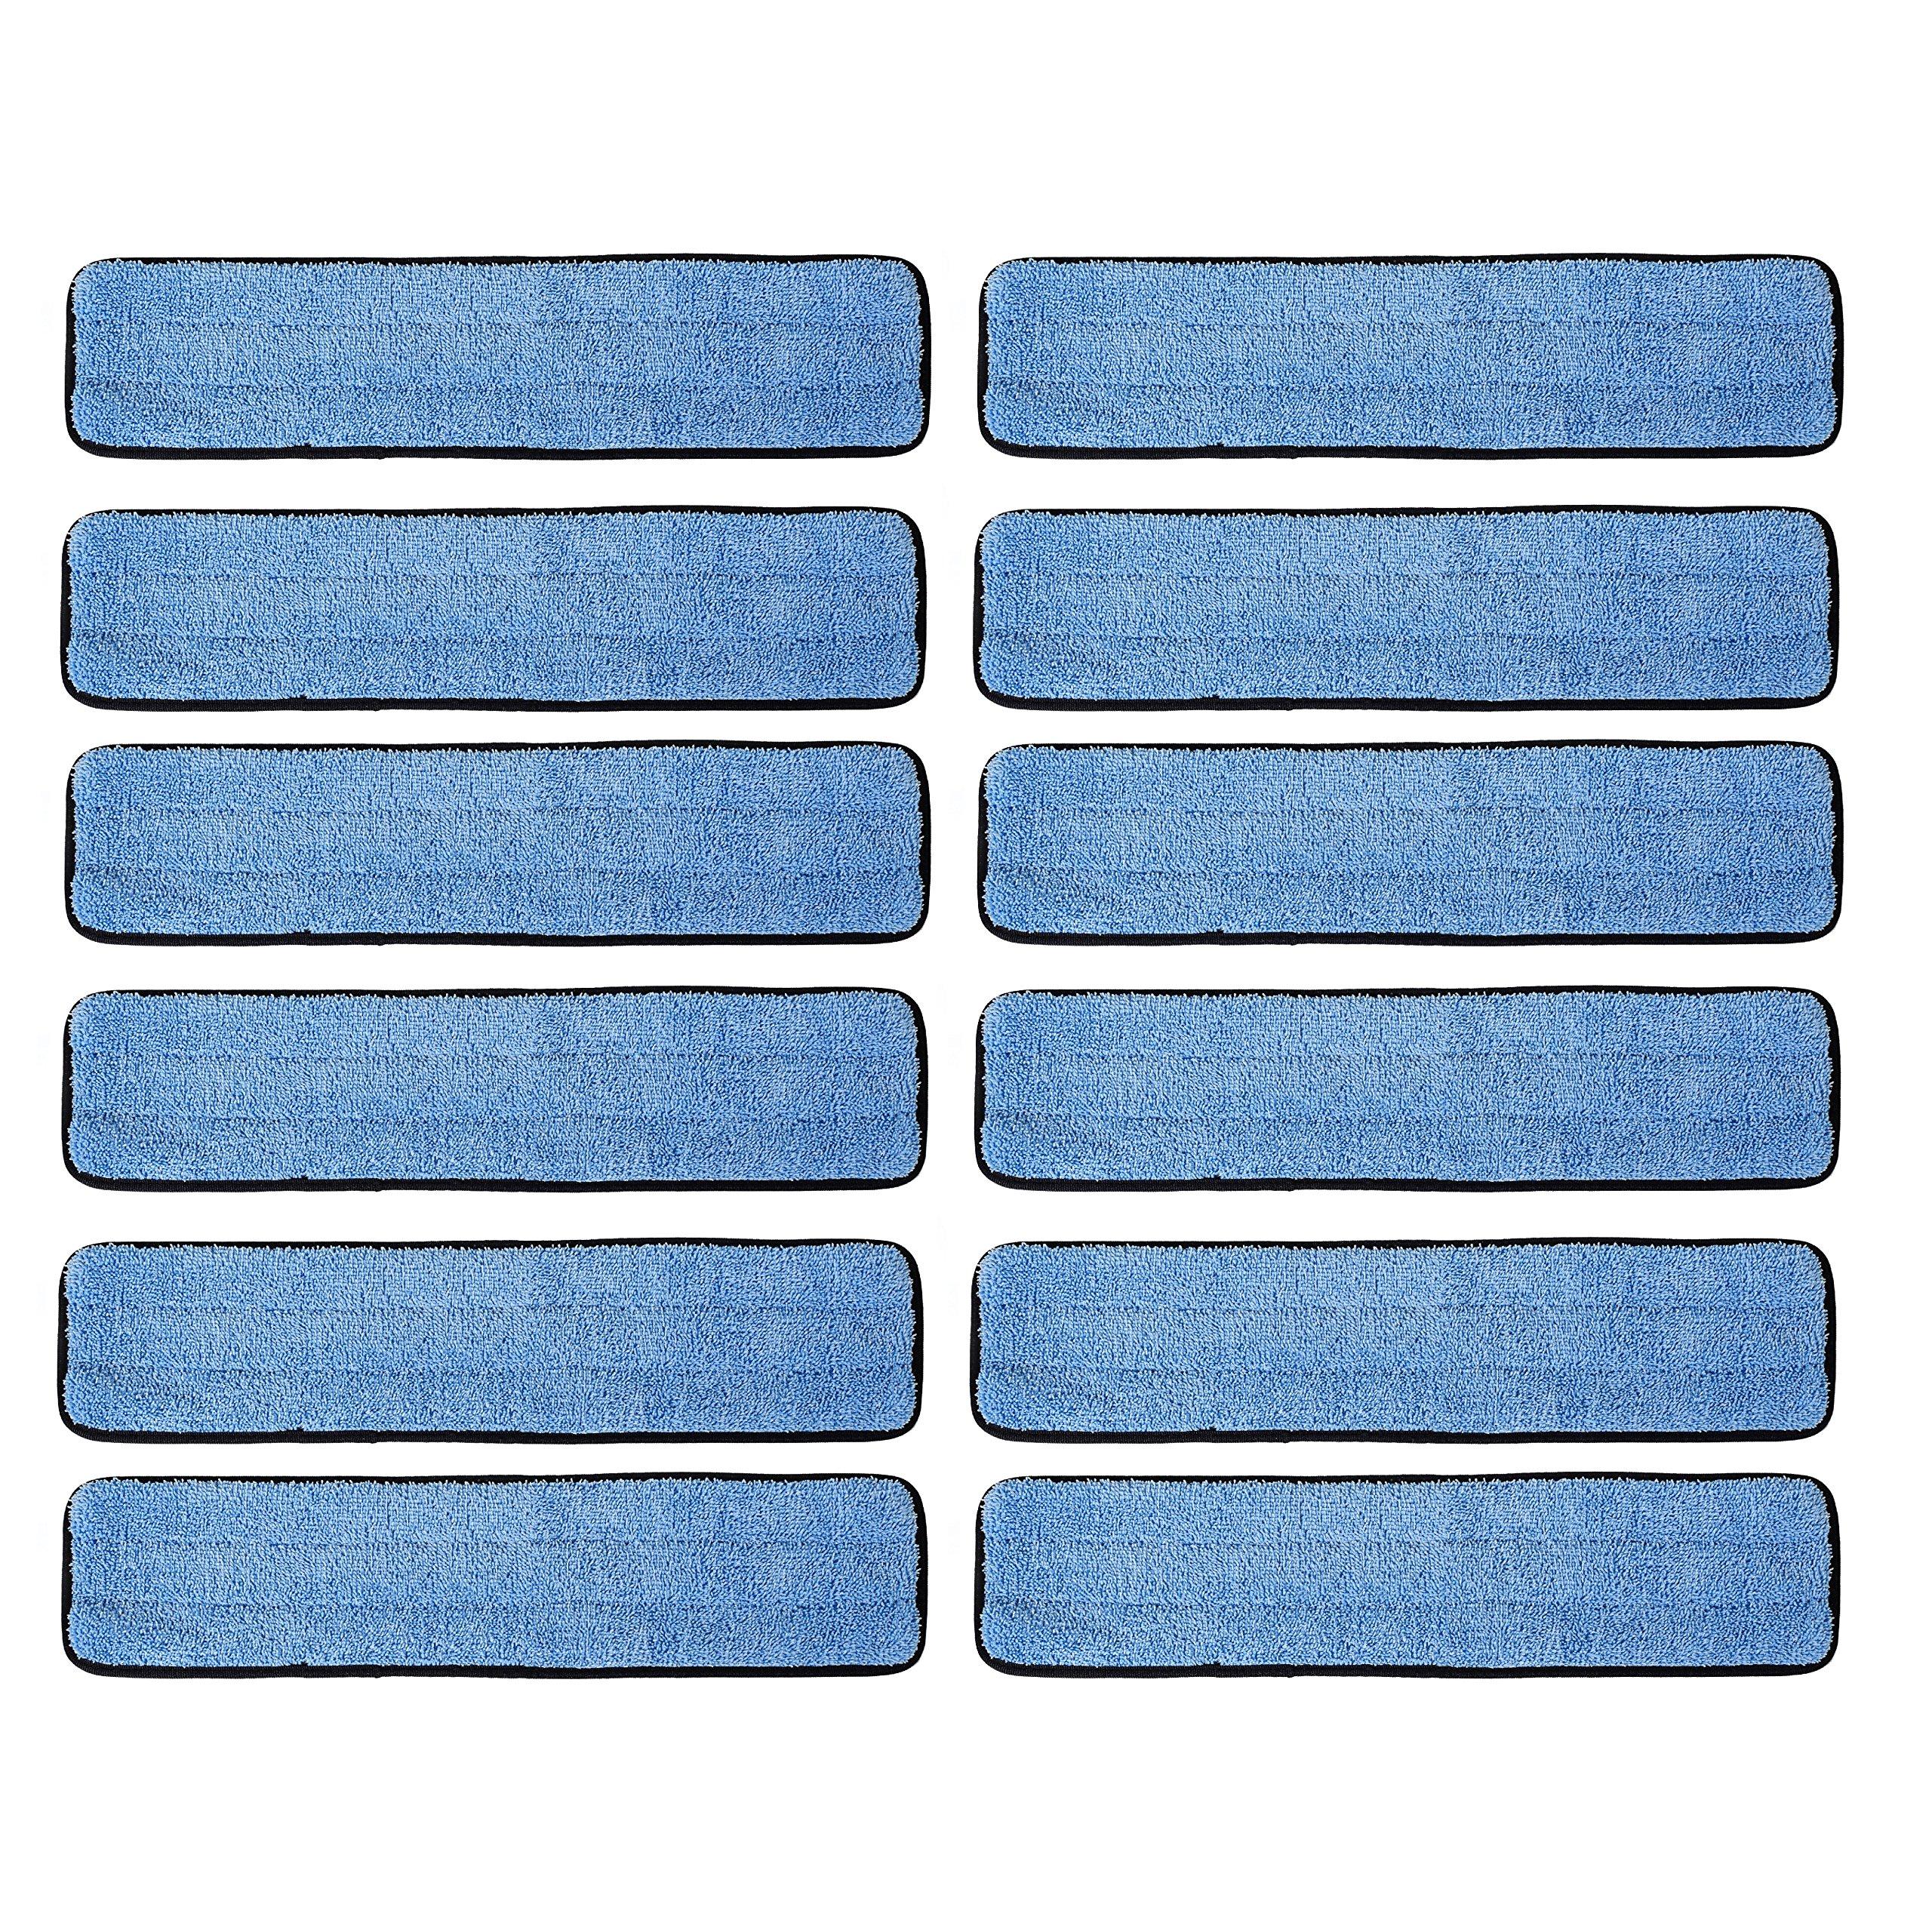 12 Pack 18'' Microfiber Wet Mop Refill Pads for Flat Microfiber Mop Frames